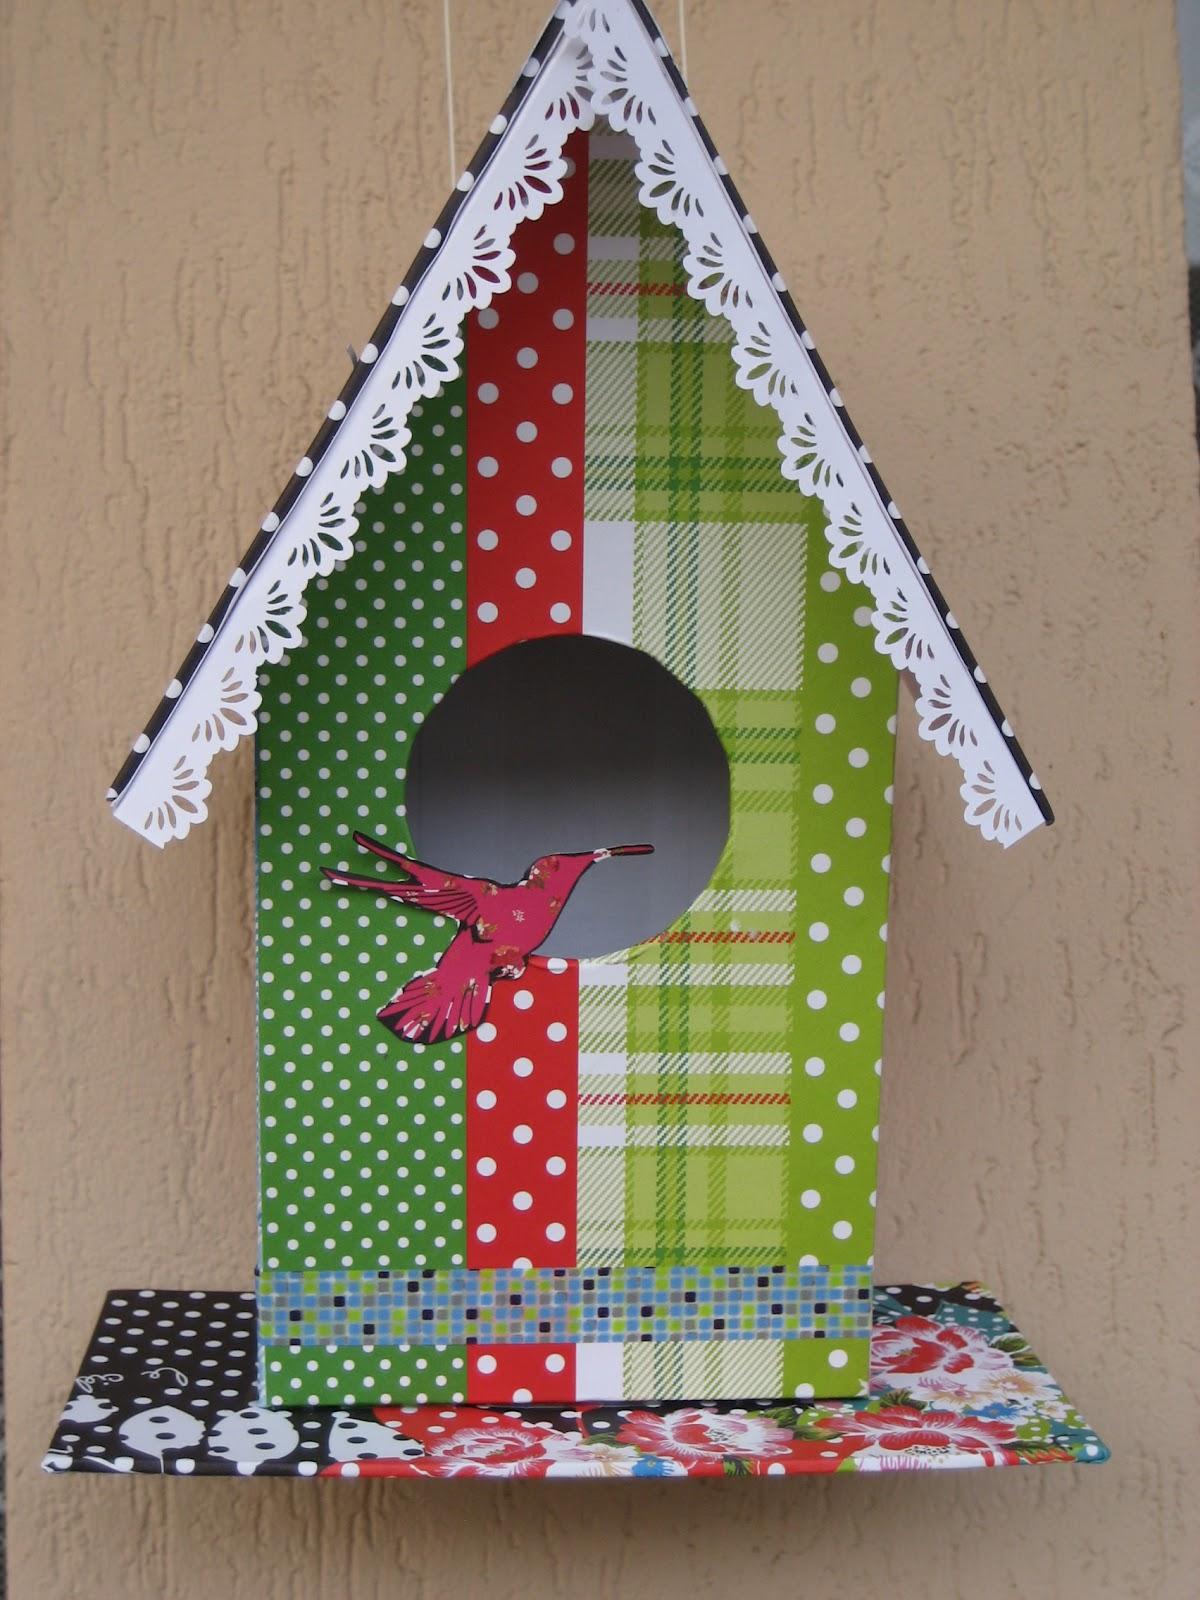 Manualidades y tendencias c mo hacer una casita para p jaros diy how to make a birdhouse - Casita para pajaros ...